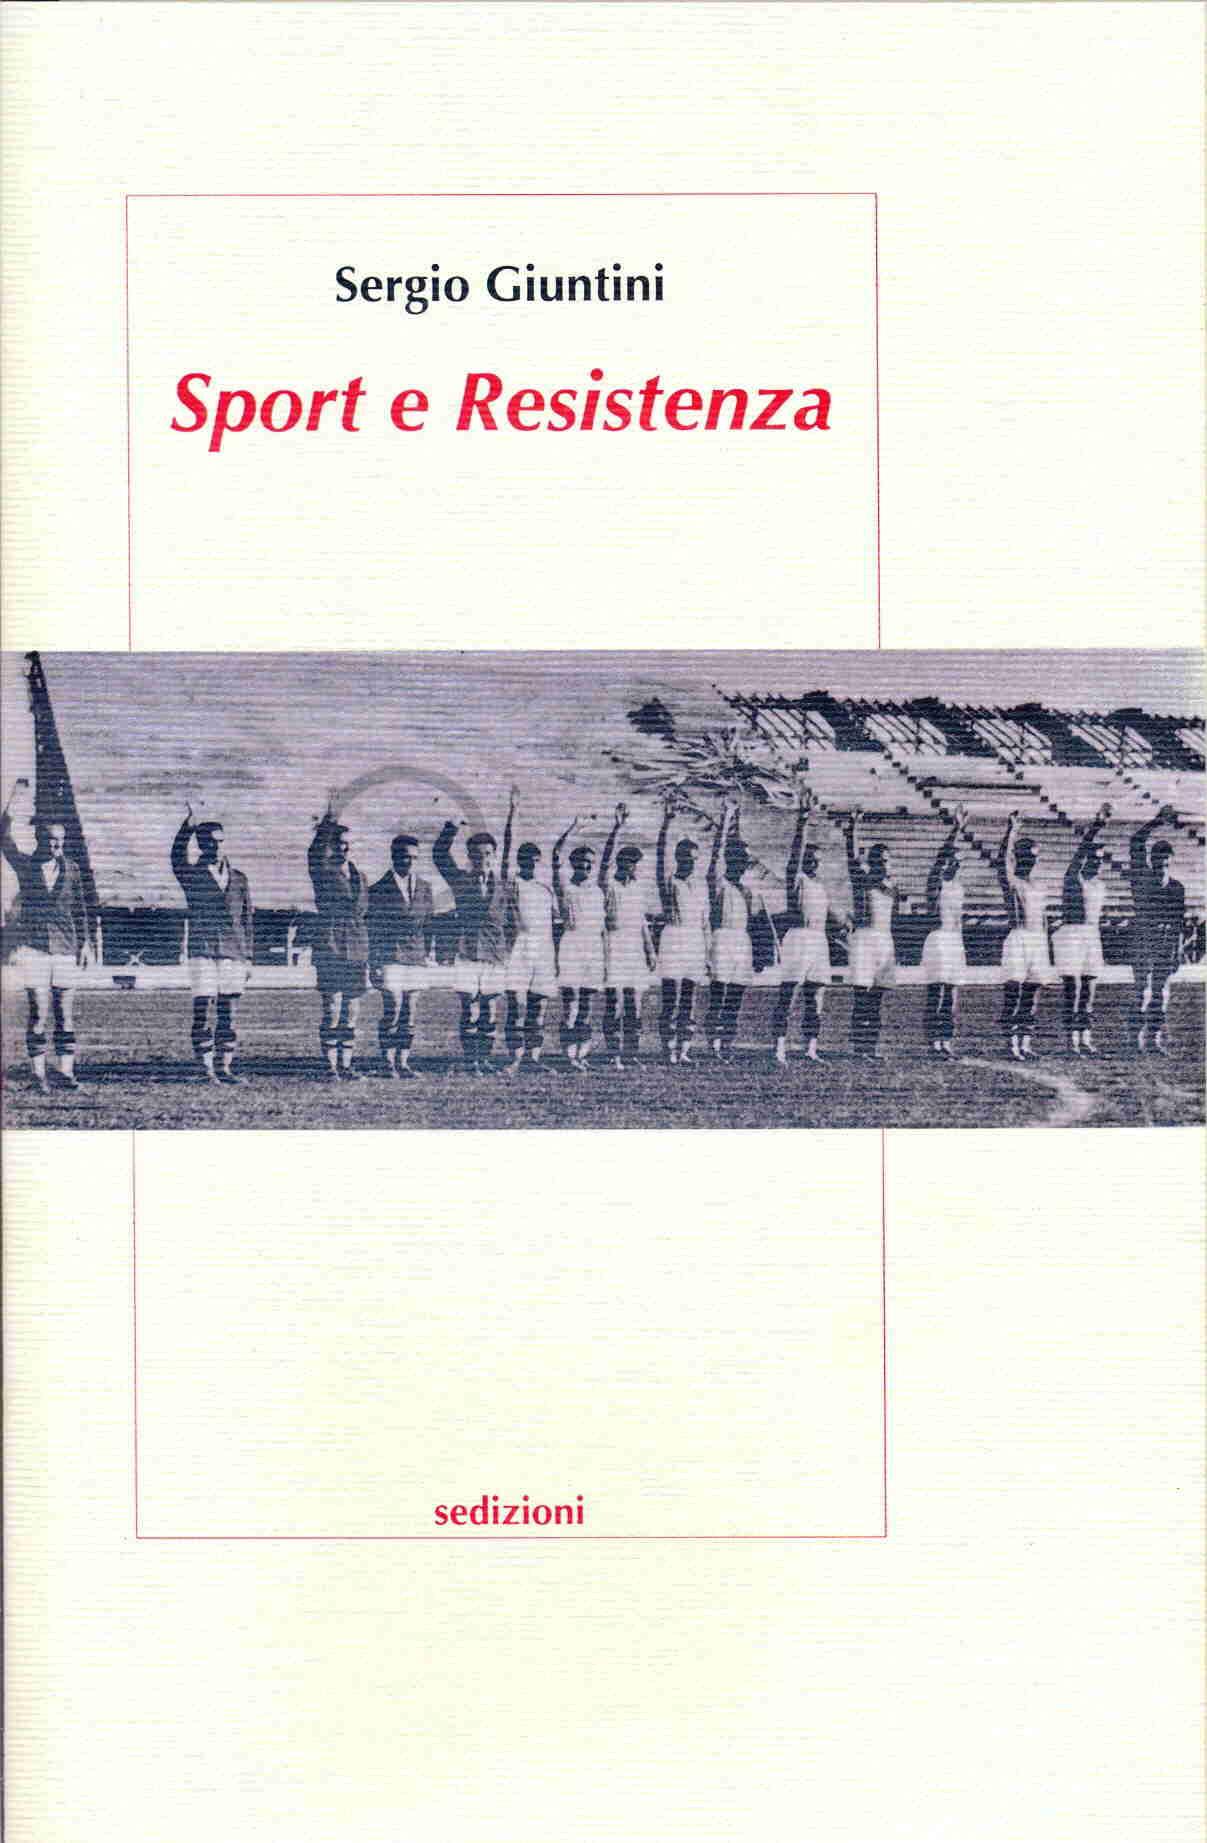 Sport e Resistenza